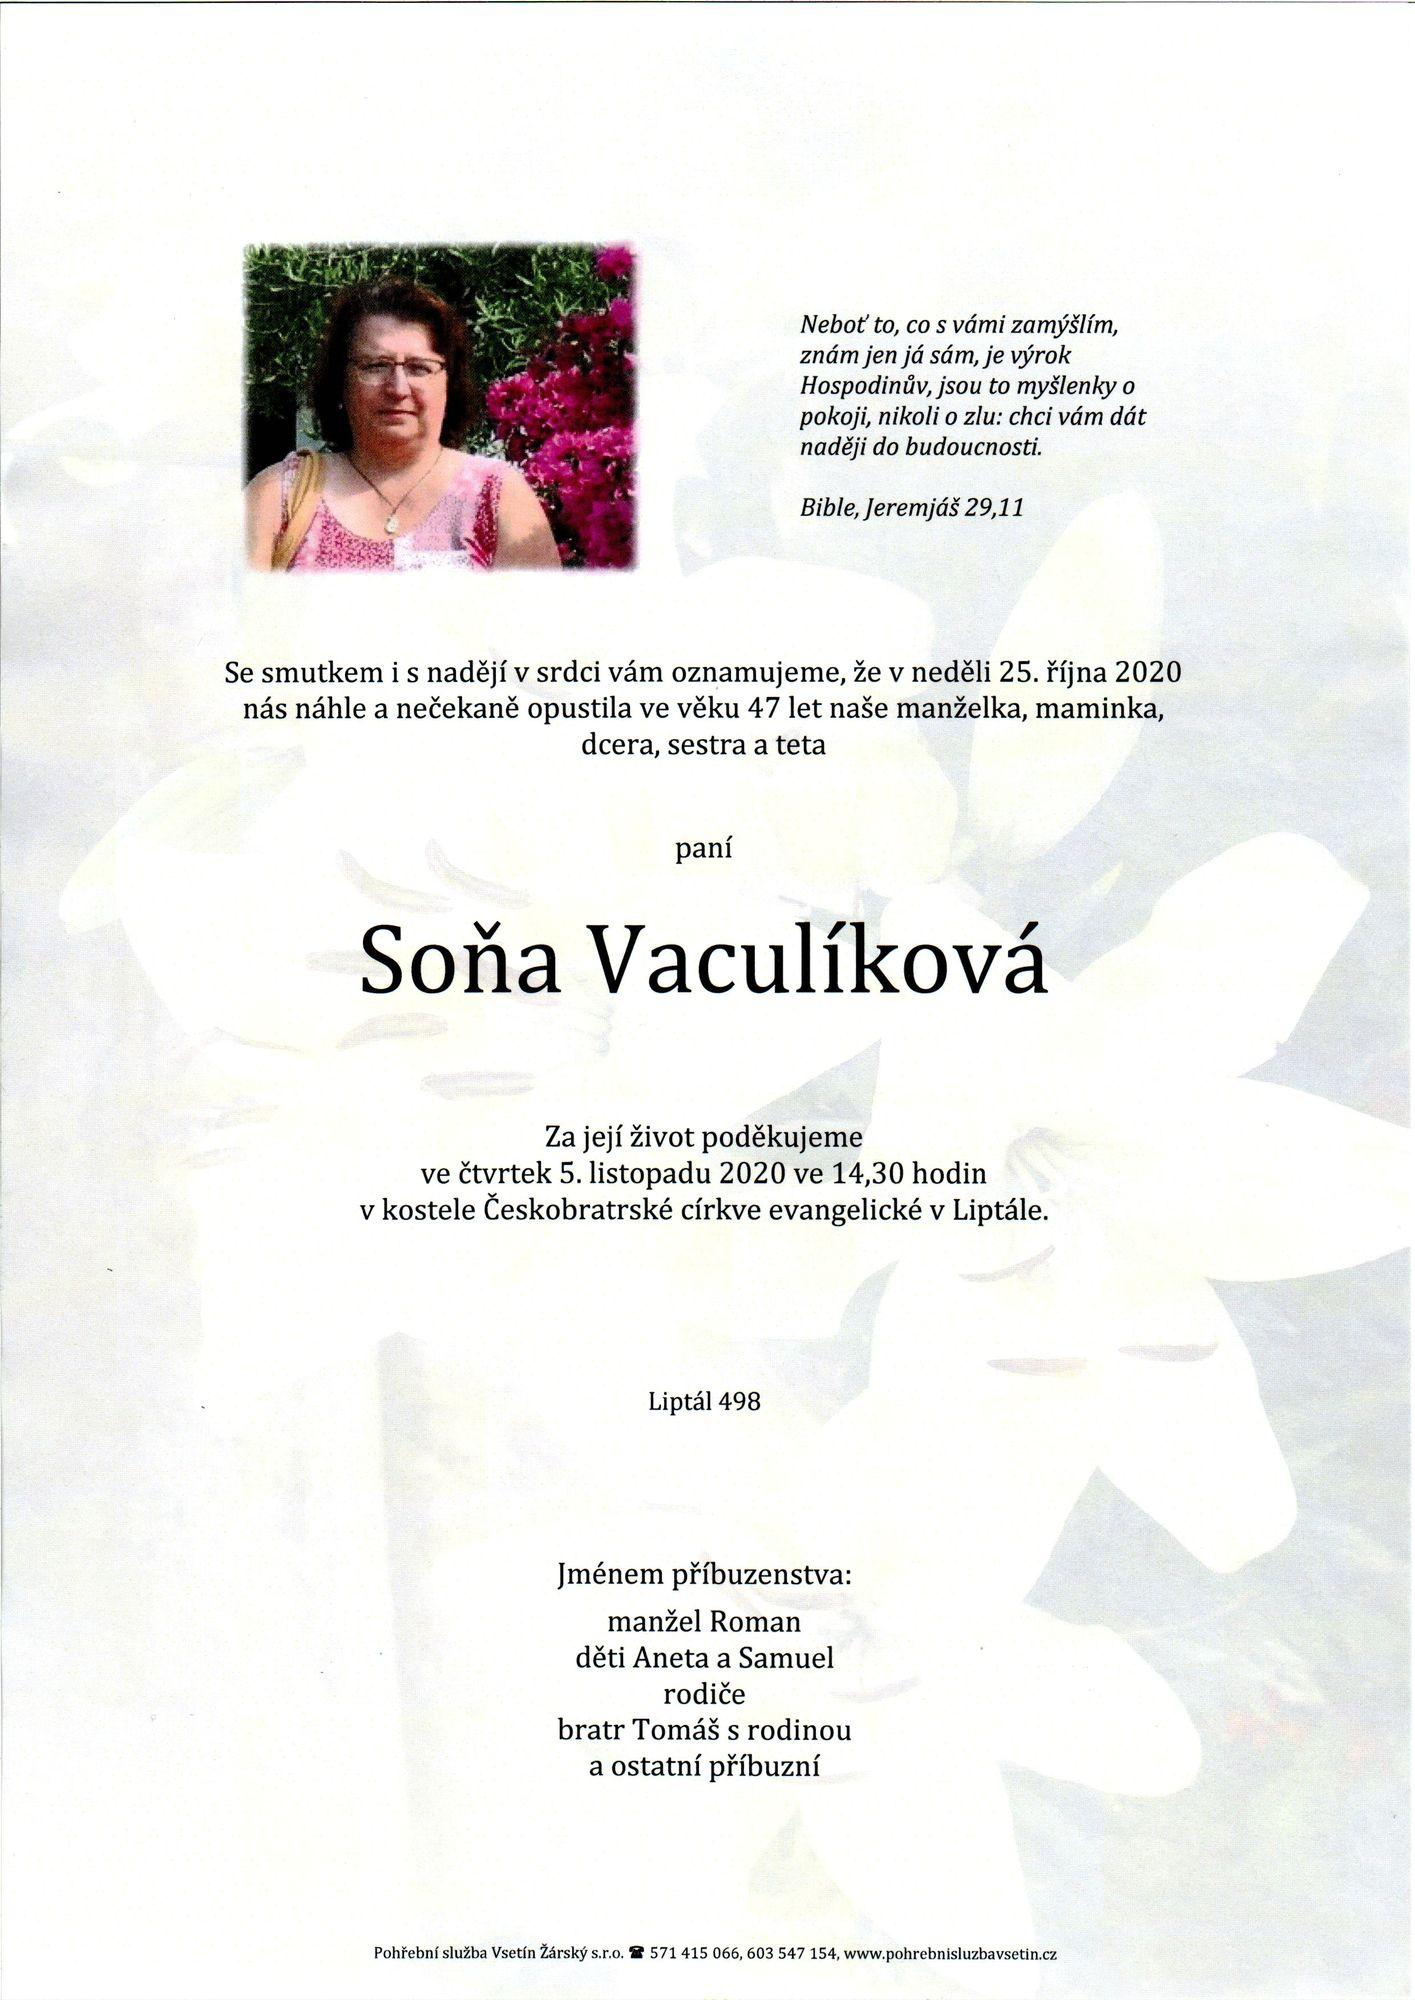 Soňa Vaculíková